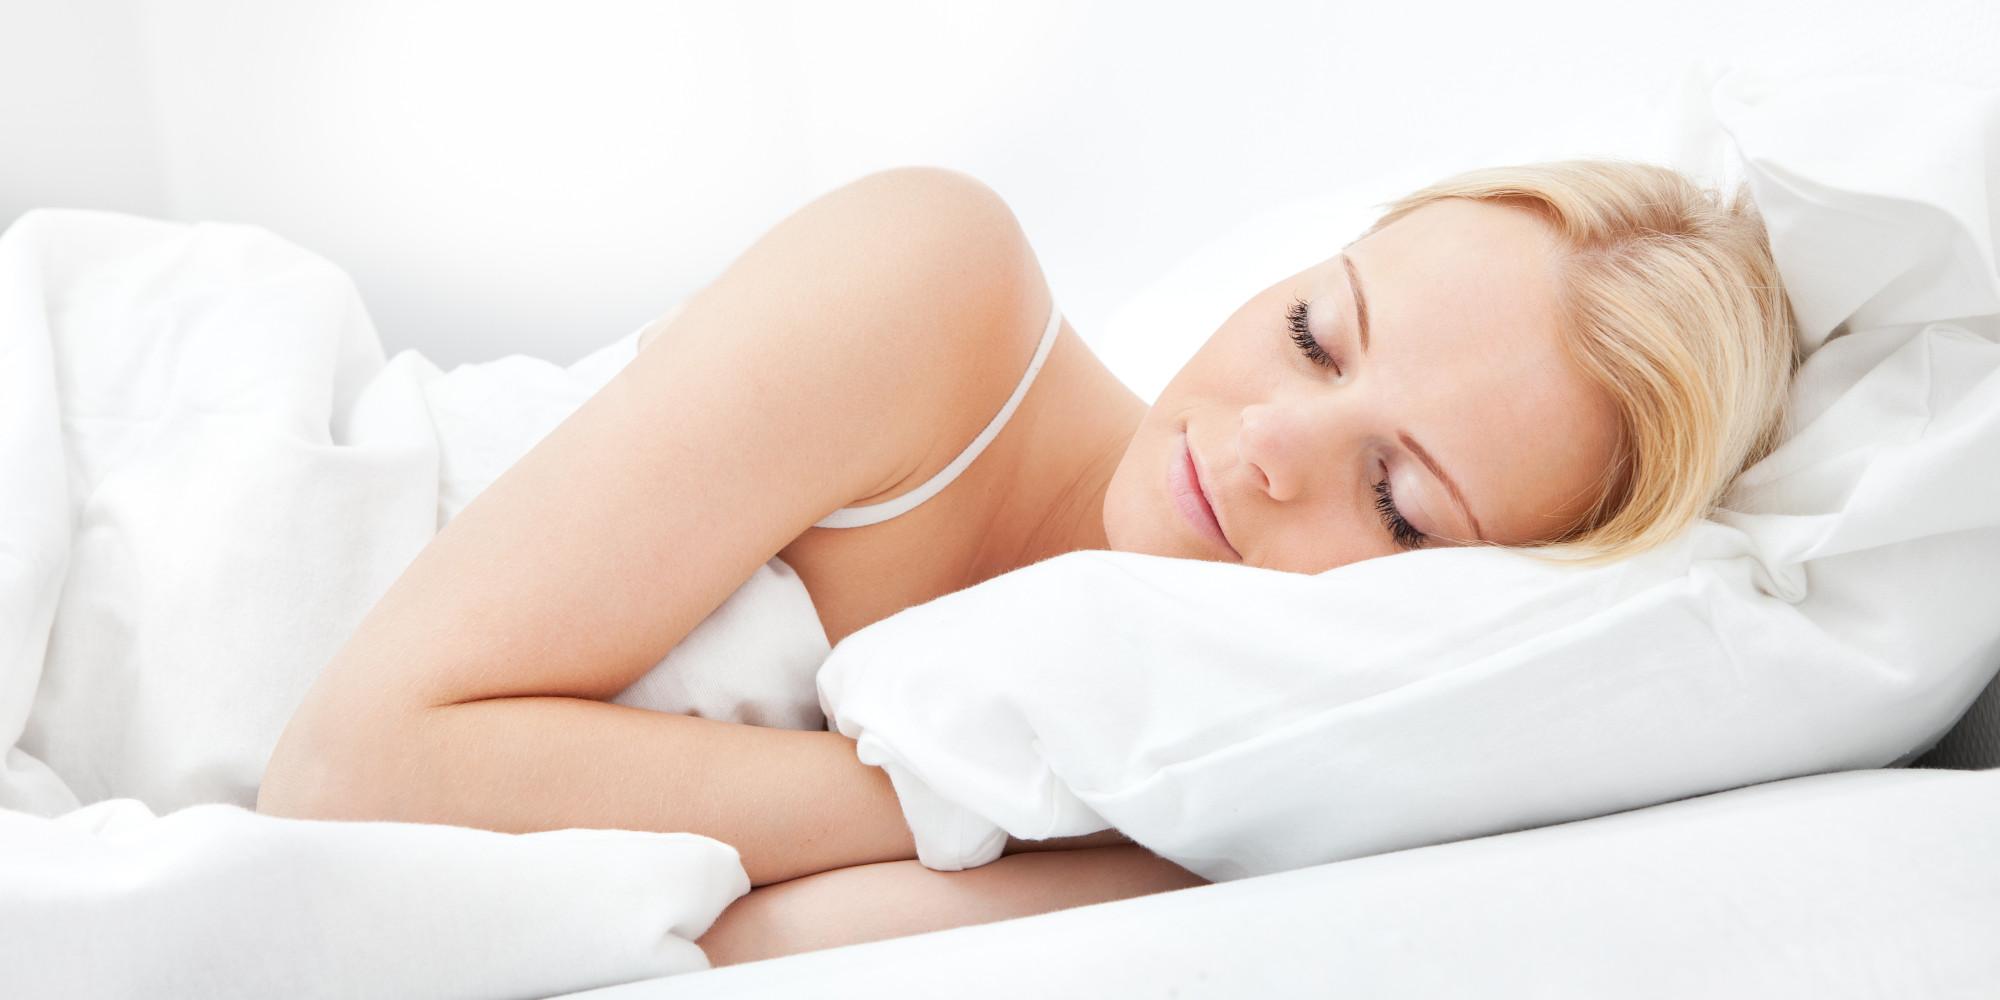 Να θυμάστε ότι πρέπει να αλλάζουμε μαξιλάρι περίπου κάθε 12 με 18 μήνες. Οποιοδήποτε μαξιλάρι έχει κλείσει τα δύο χρόνια, έχει έρθει η ώρα να το… αποχωριστείτε!